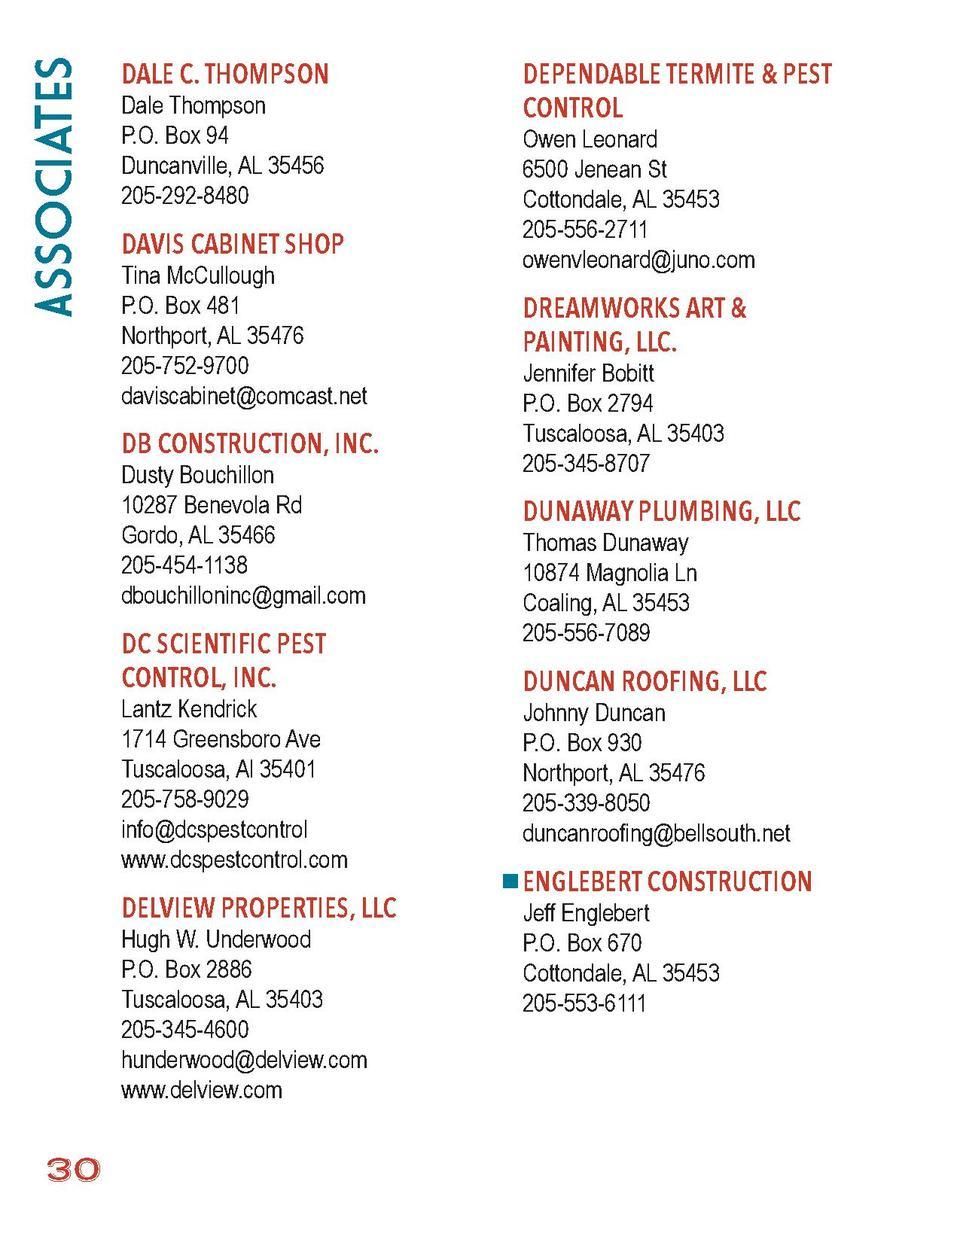 Alabama tuscaloosa county duncanville - Associates Dale C Thompson Dale Thompson P O Box 94 Duncanville Al 35456 205